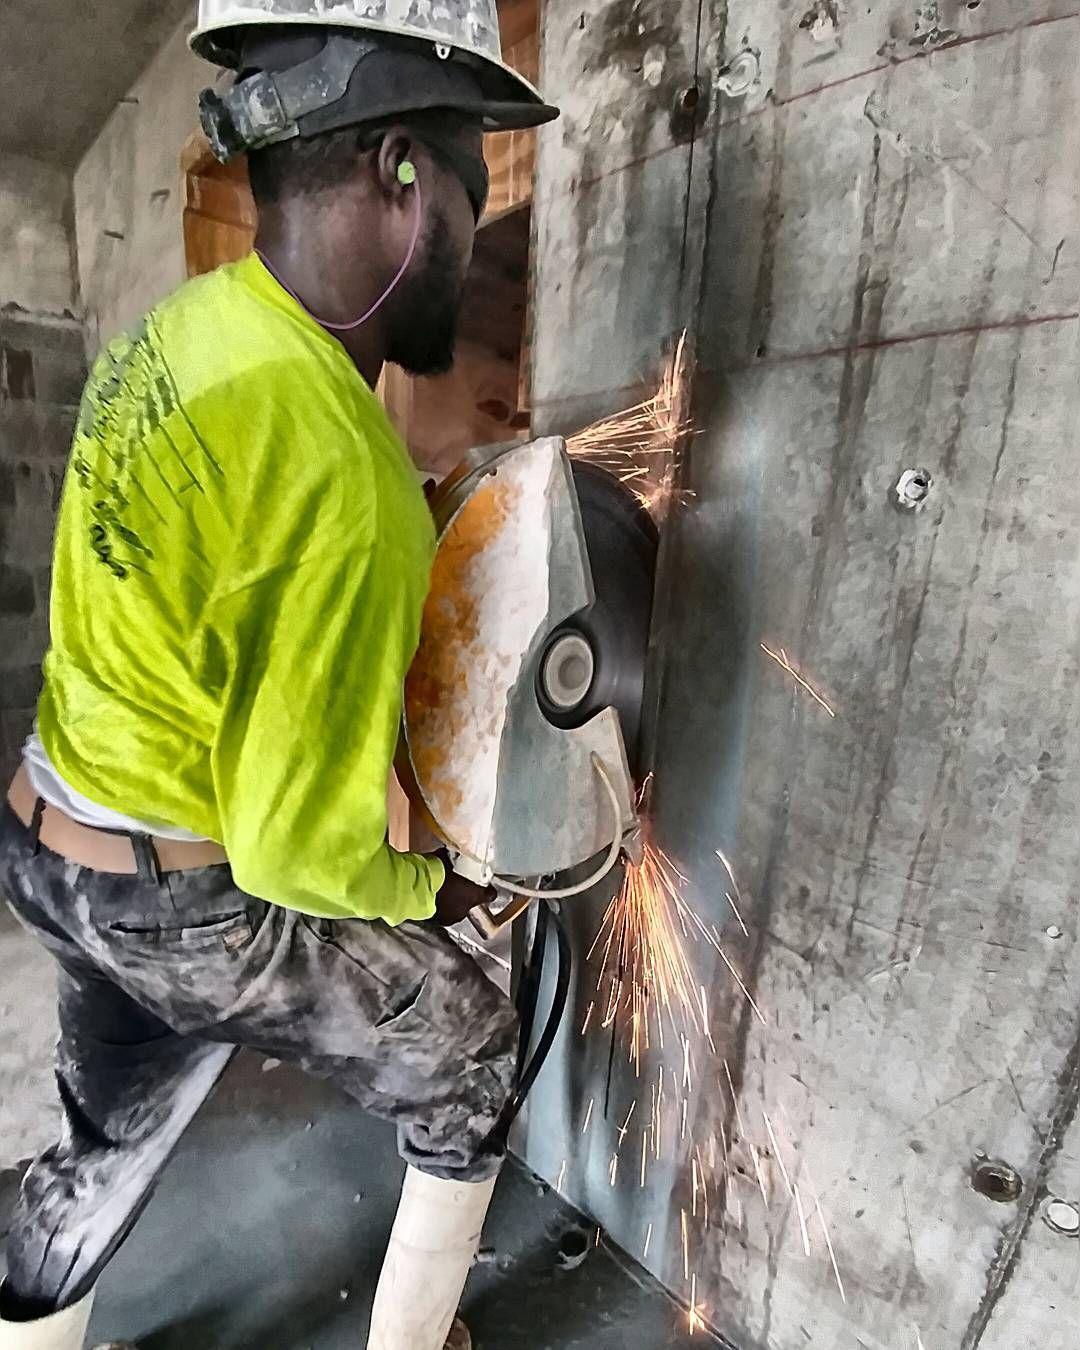 Two More to Go.. #ftlauderdale #constructionsite #concretecutting #concretecuttingmiami #miami #contractor #construction #demolition #concrete #concretelife